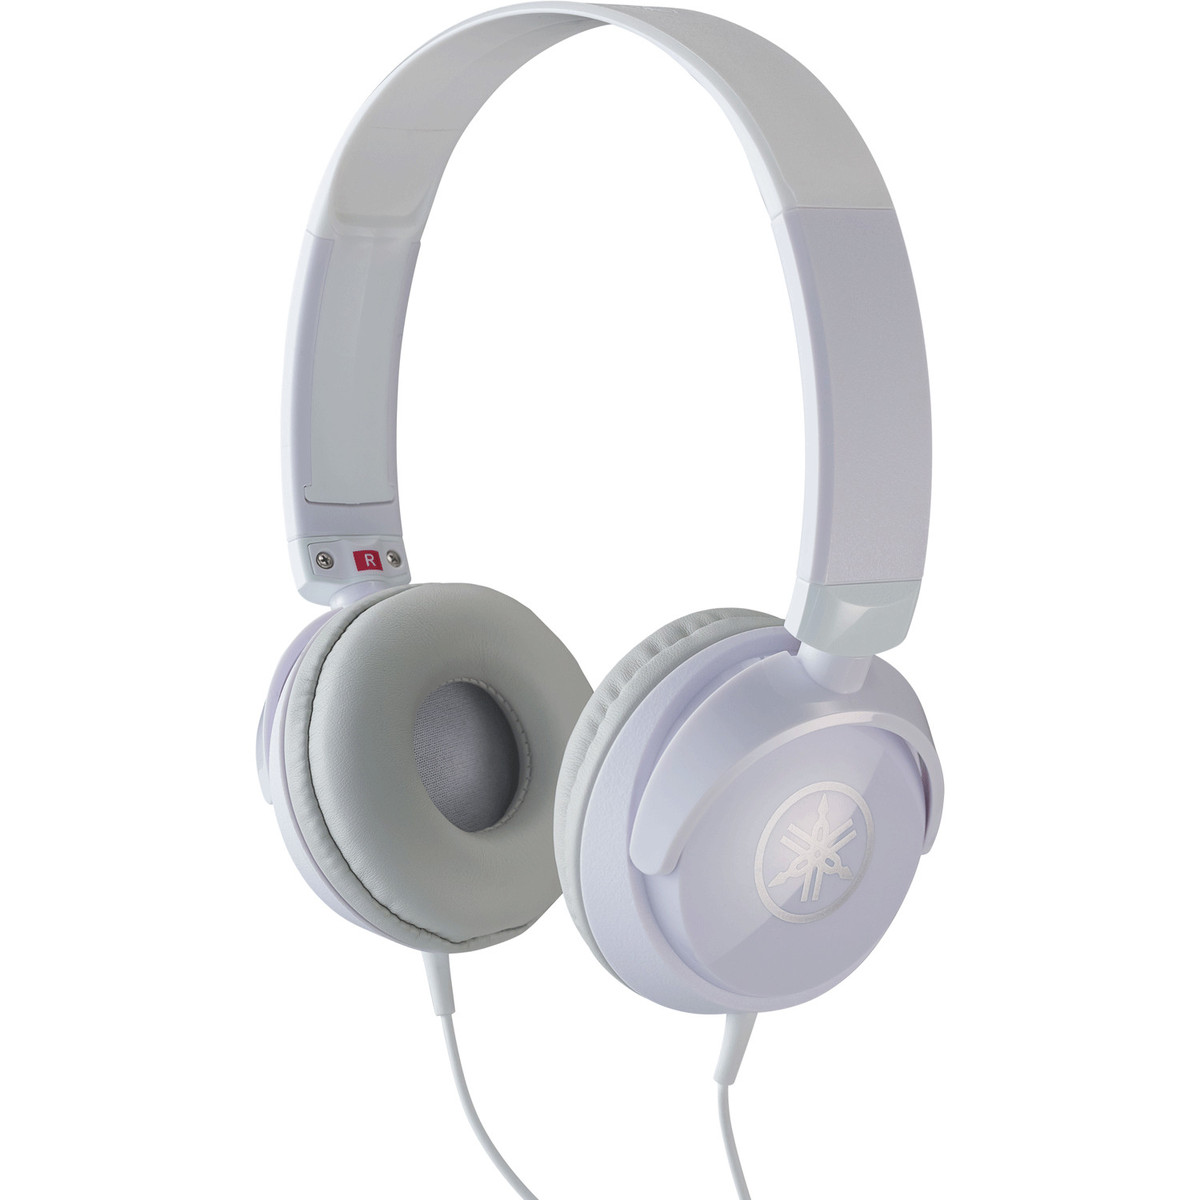 Billede af Yamaha HPH-50 Entry-level headphones, white